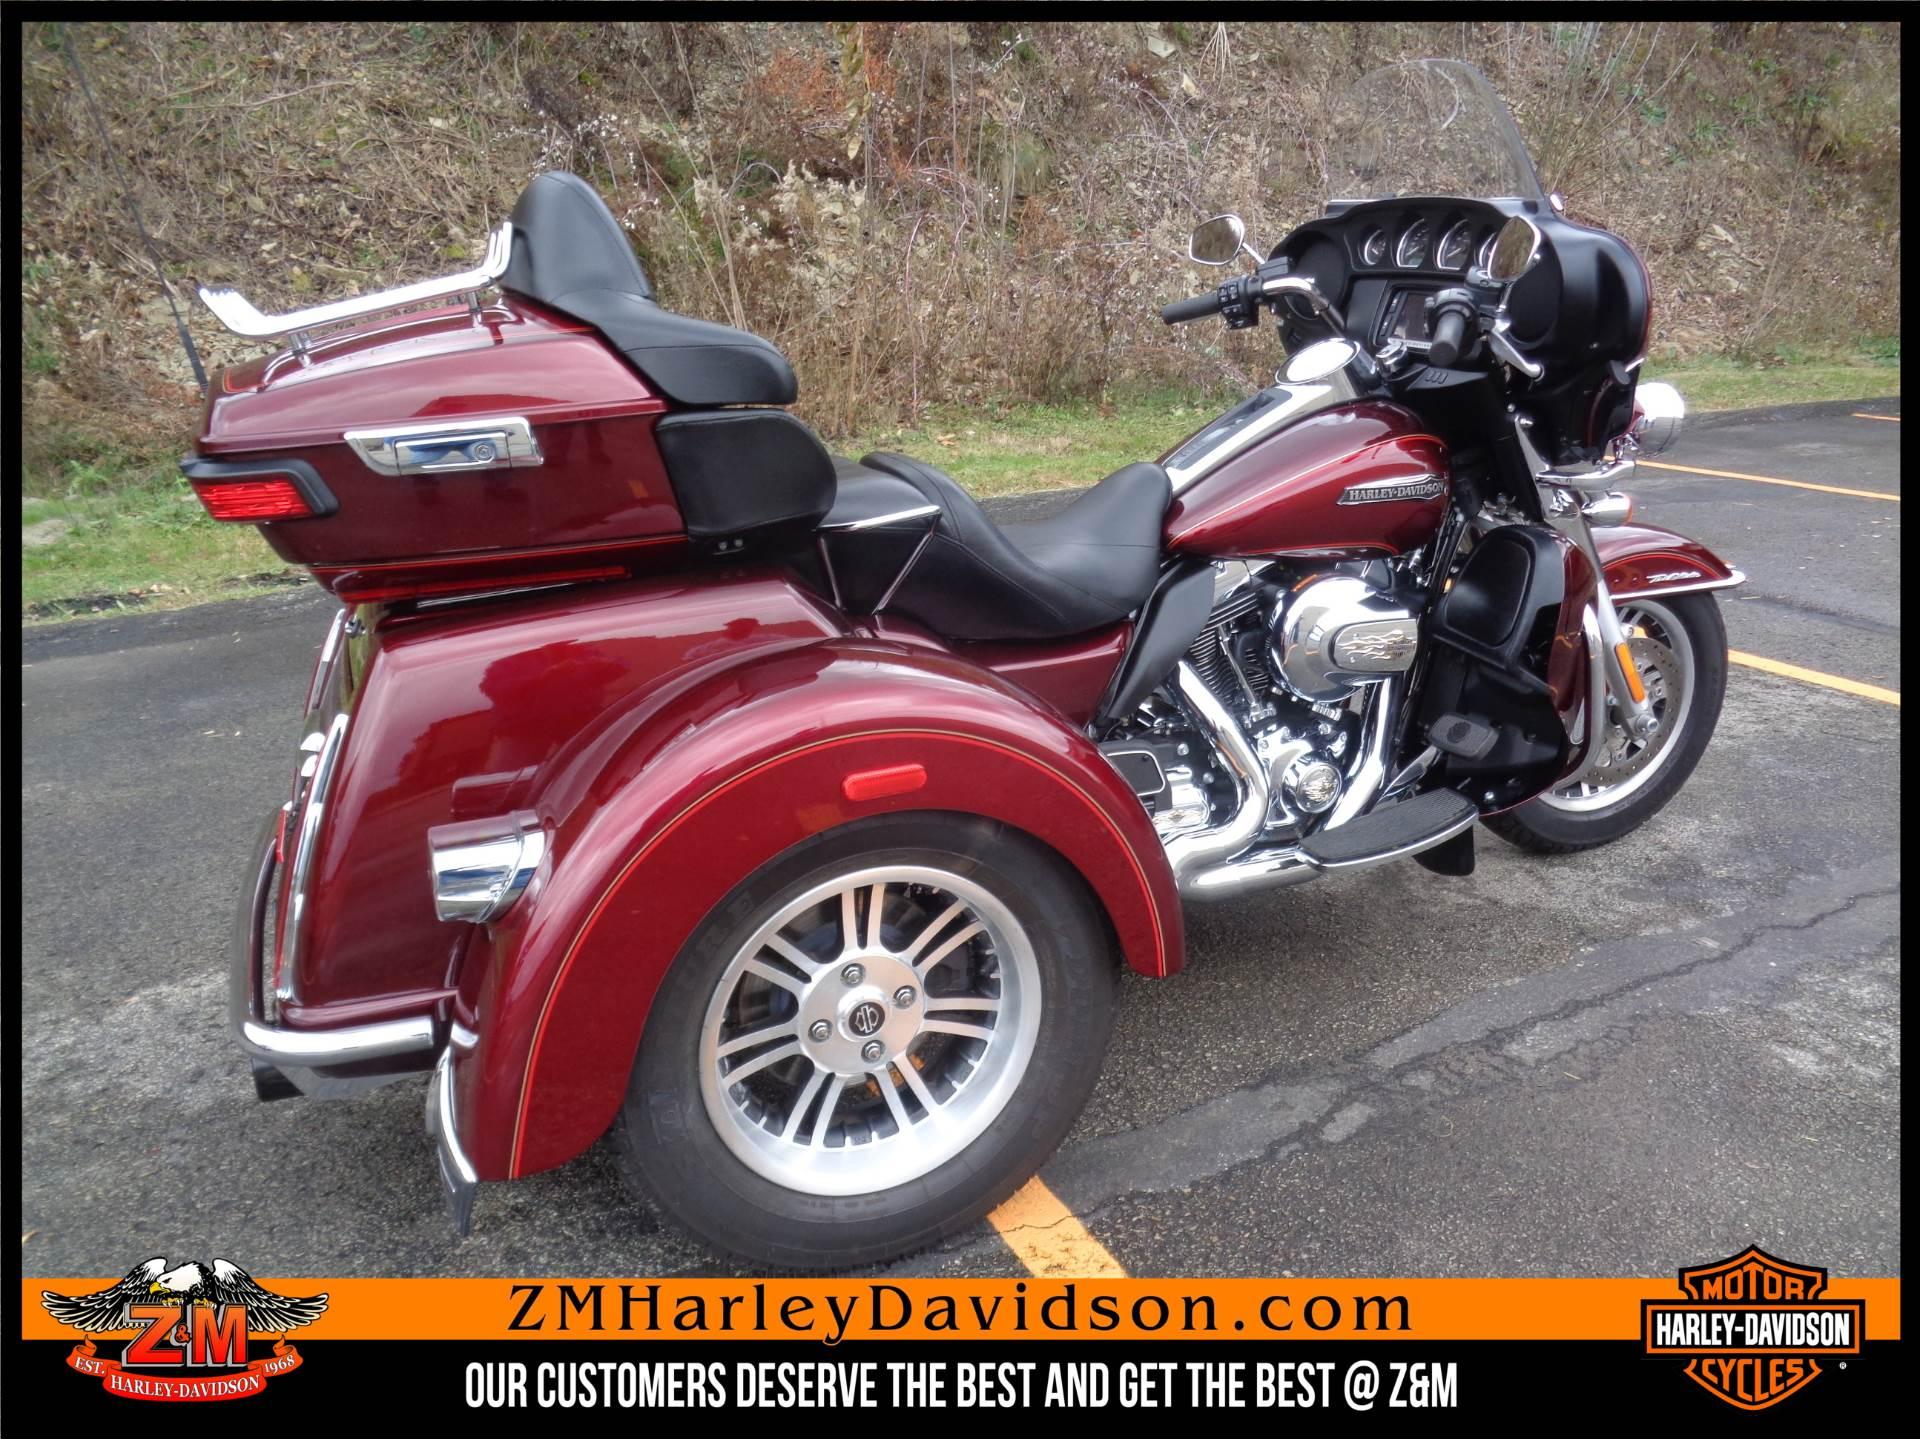 2016 Harley Davidson Tri Glide For Sale 47 Used: 2016 Harley-Davidson Tri Glide Ultra For Sale Greensburg